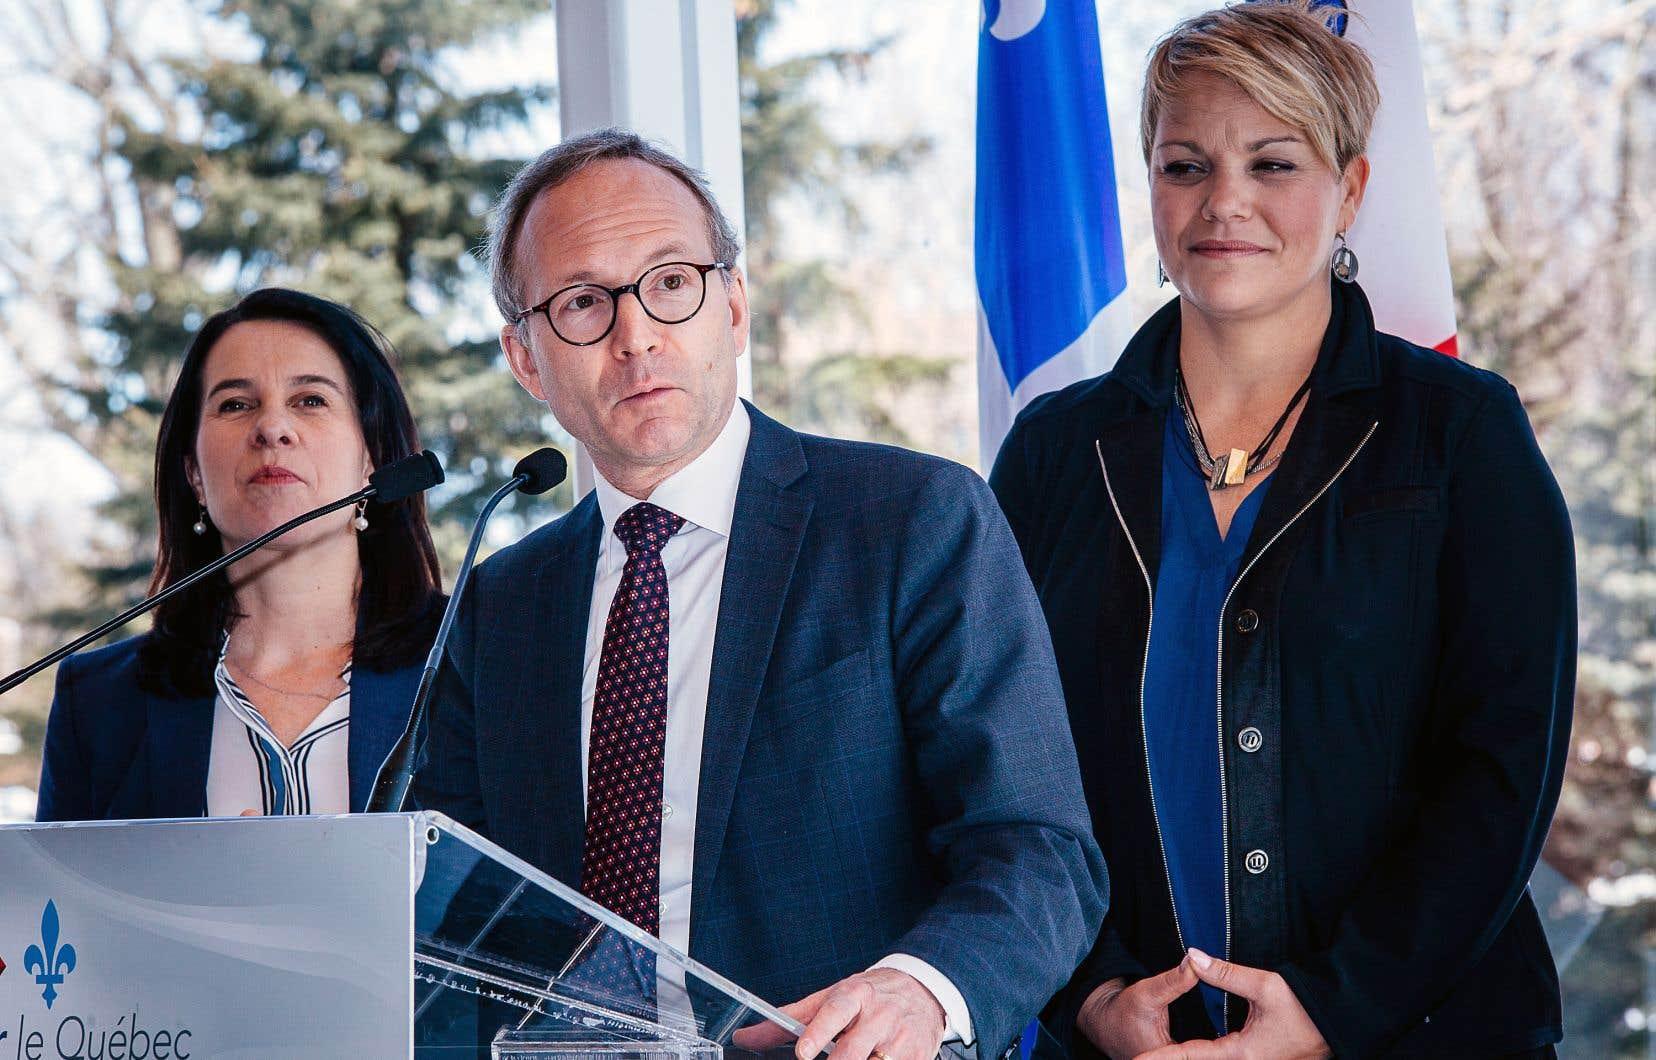 La mairesse Valérie Plante et les ministres Martin Coiteux et Isabelle Melançon ont piloté l'annonce de dimanche.